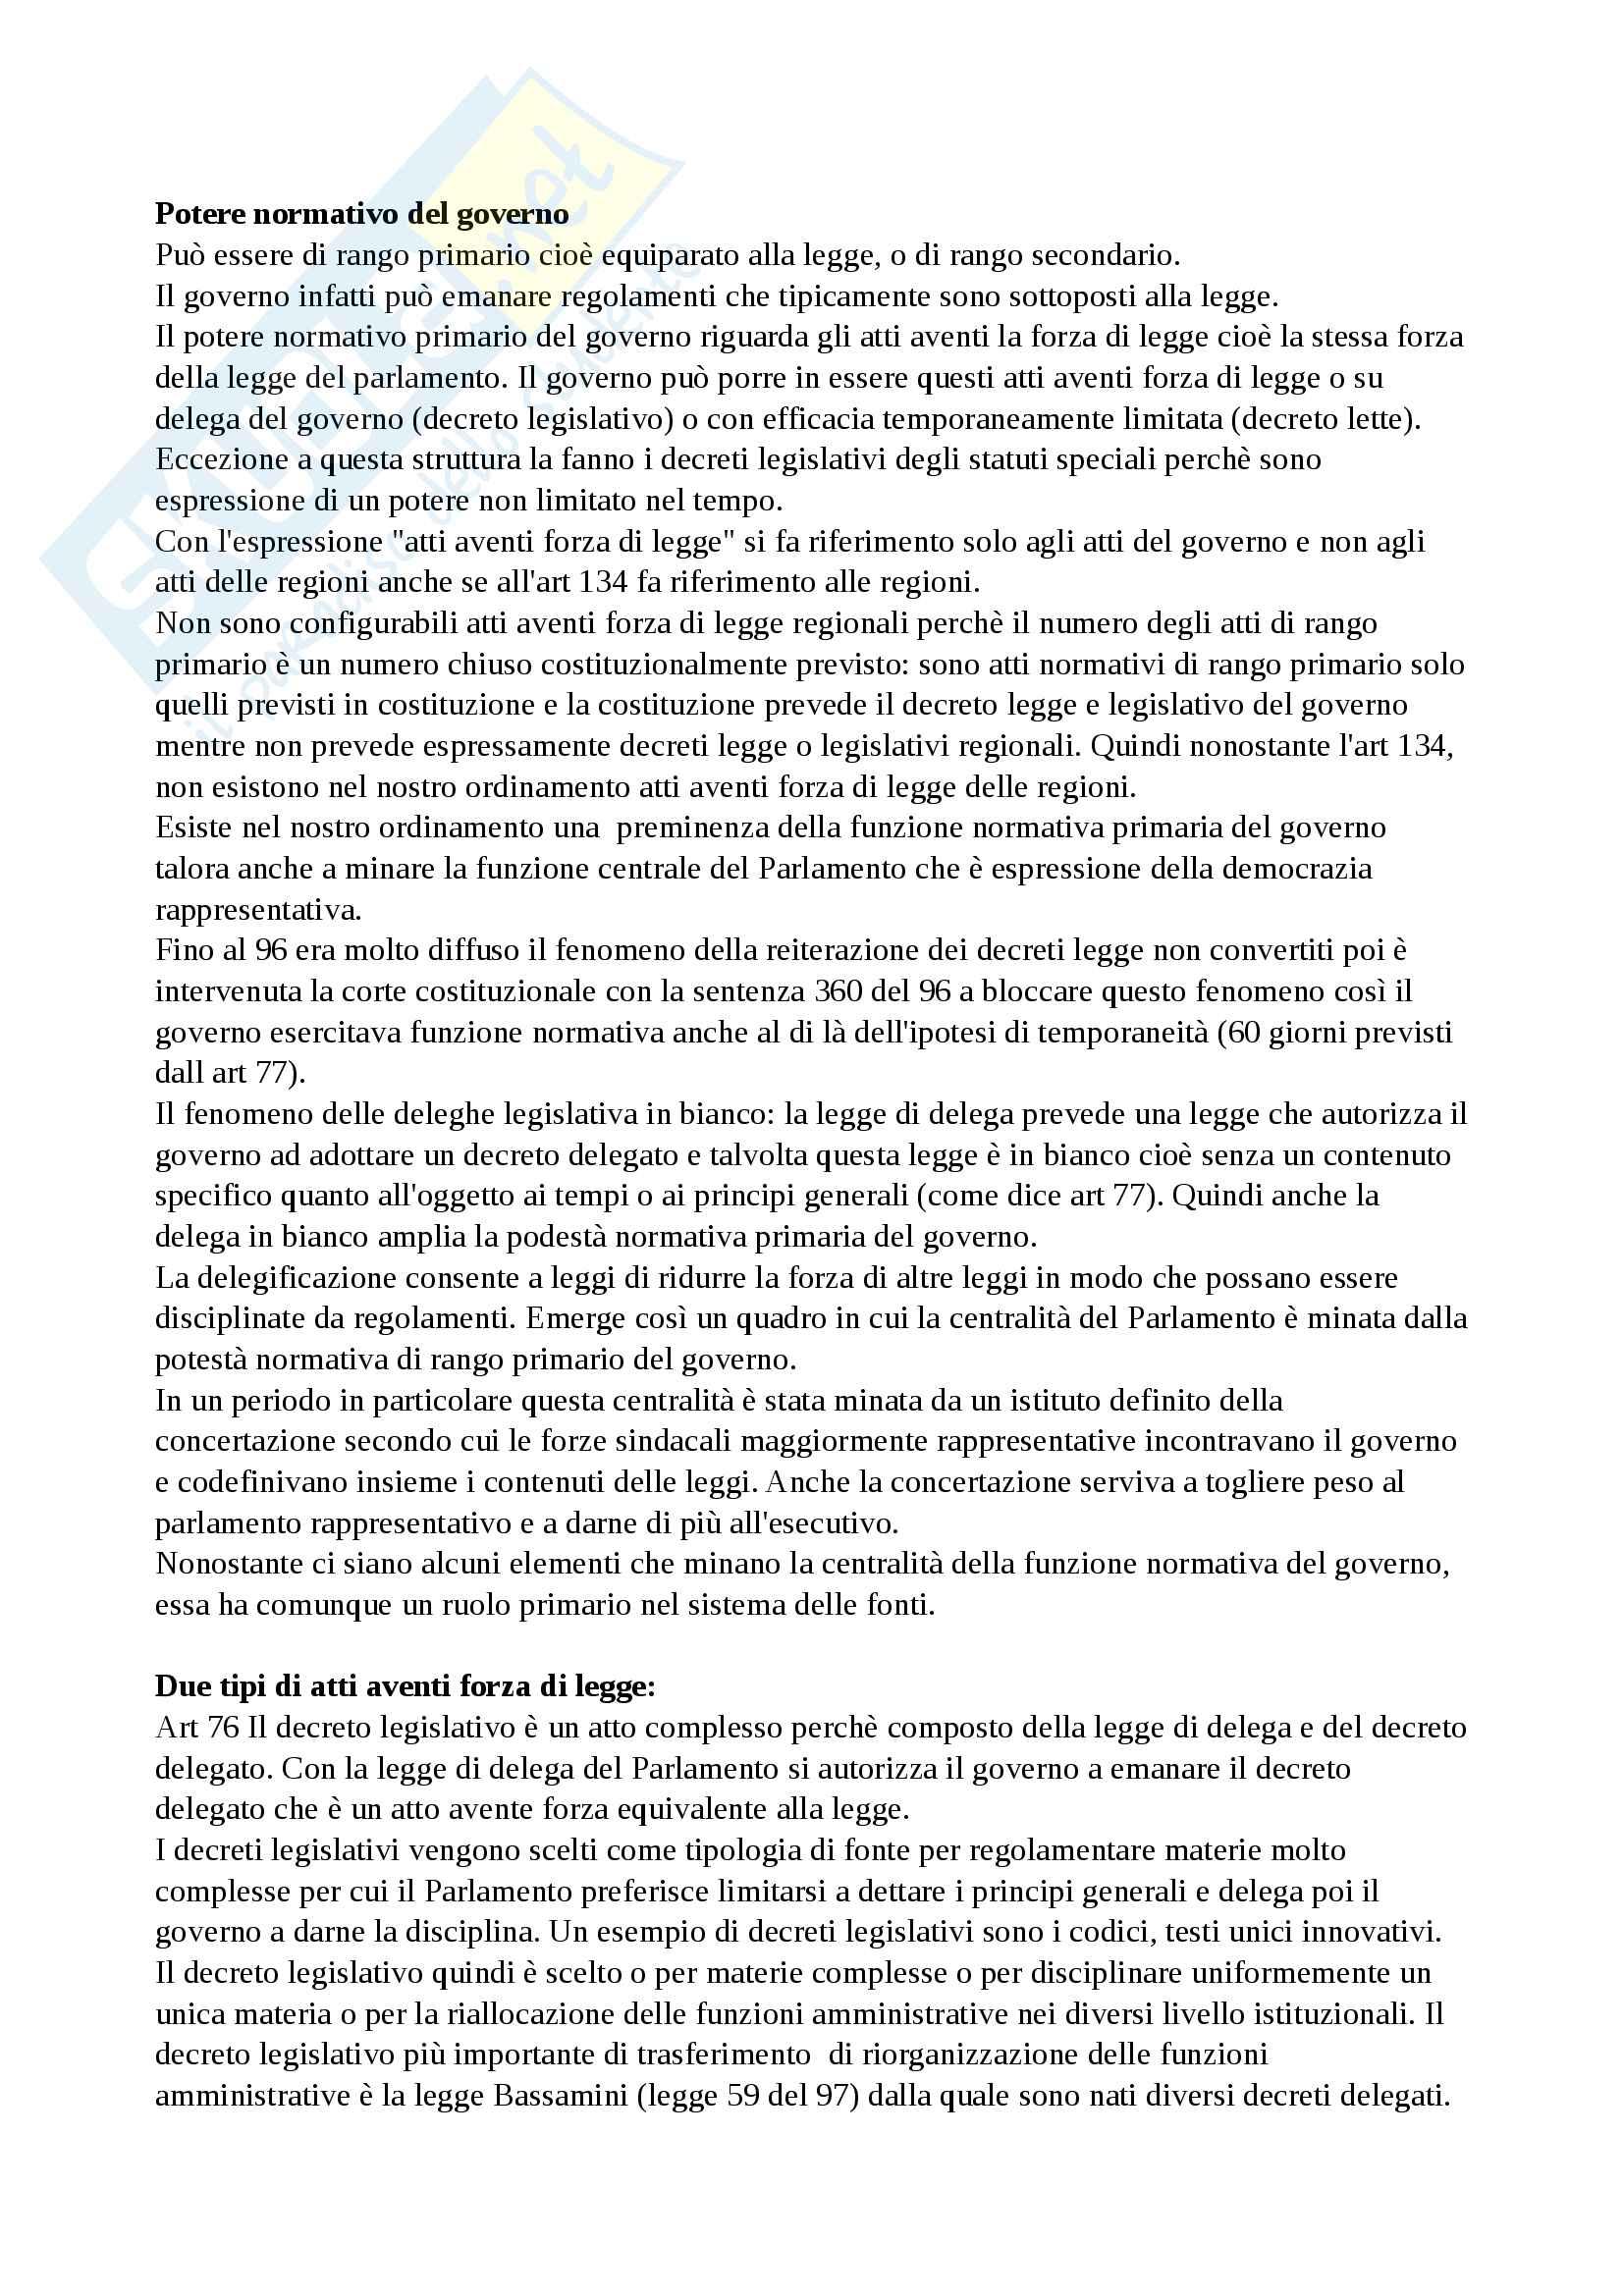 Potere normativo del governo e atti aventi forza di legge - diritto pubblico